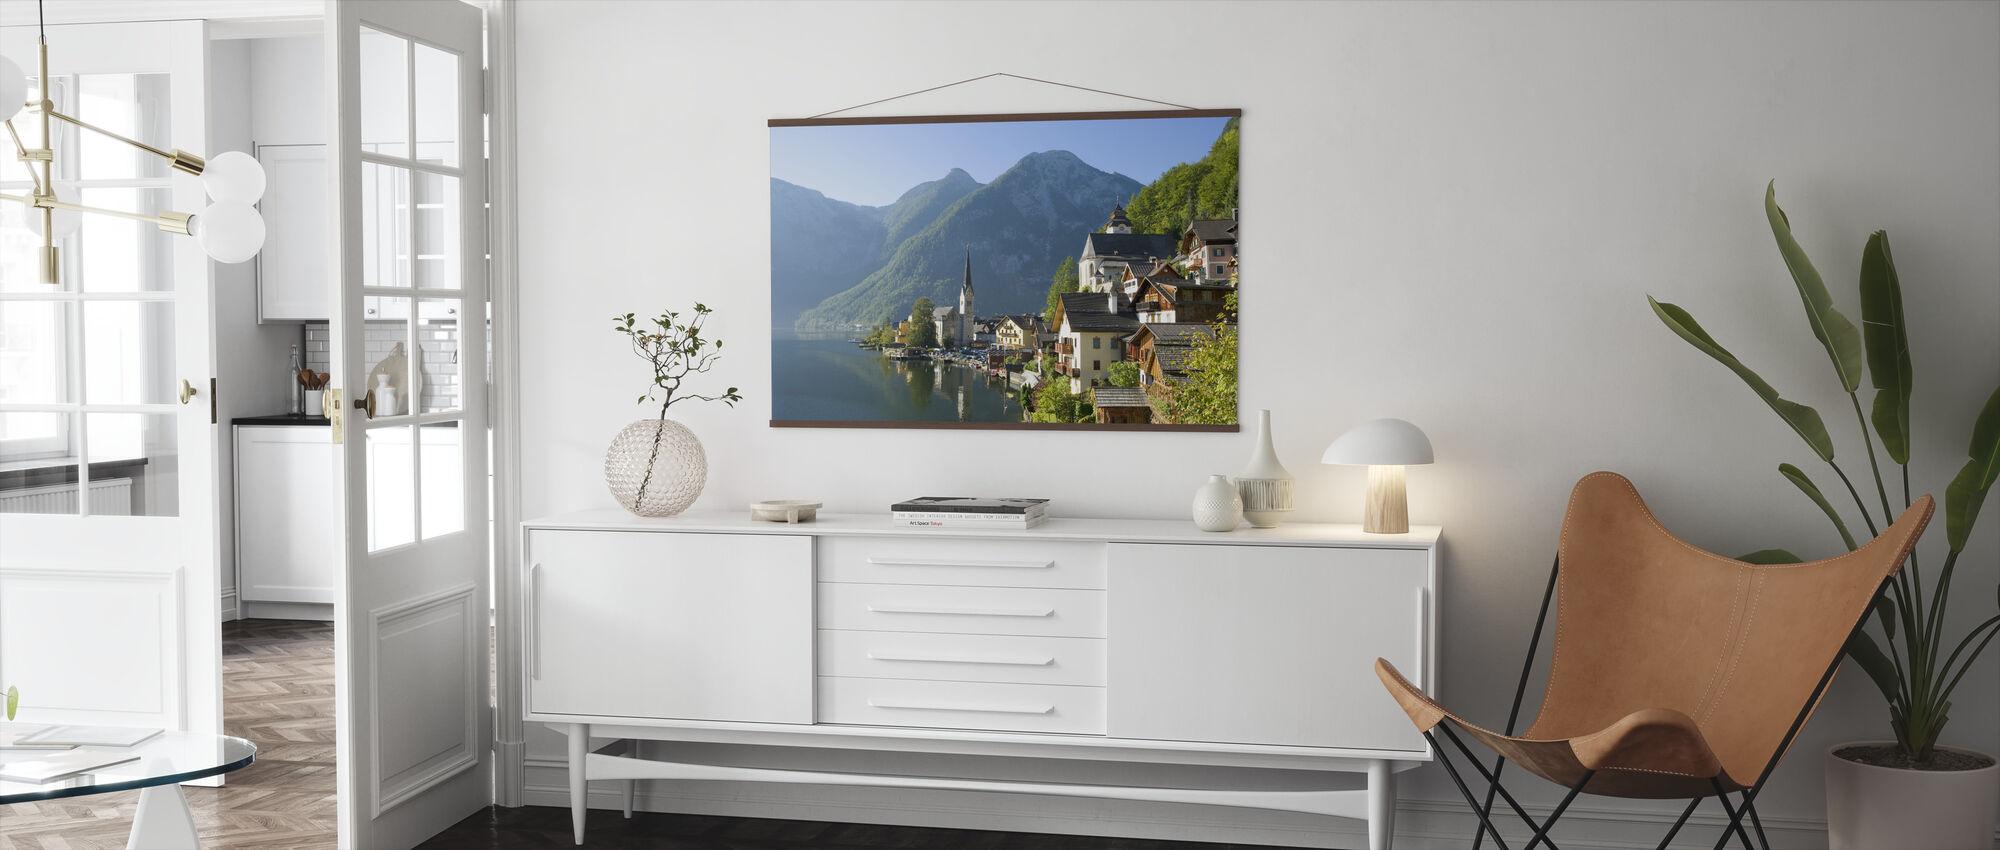 Hallstatt stad vid sjön - Poster - Vardagsrum